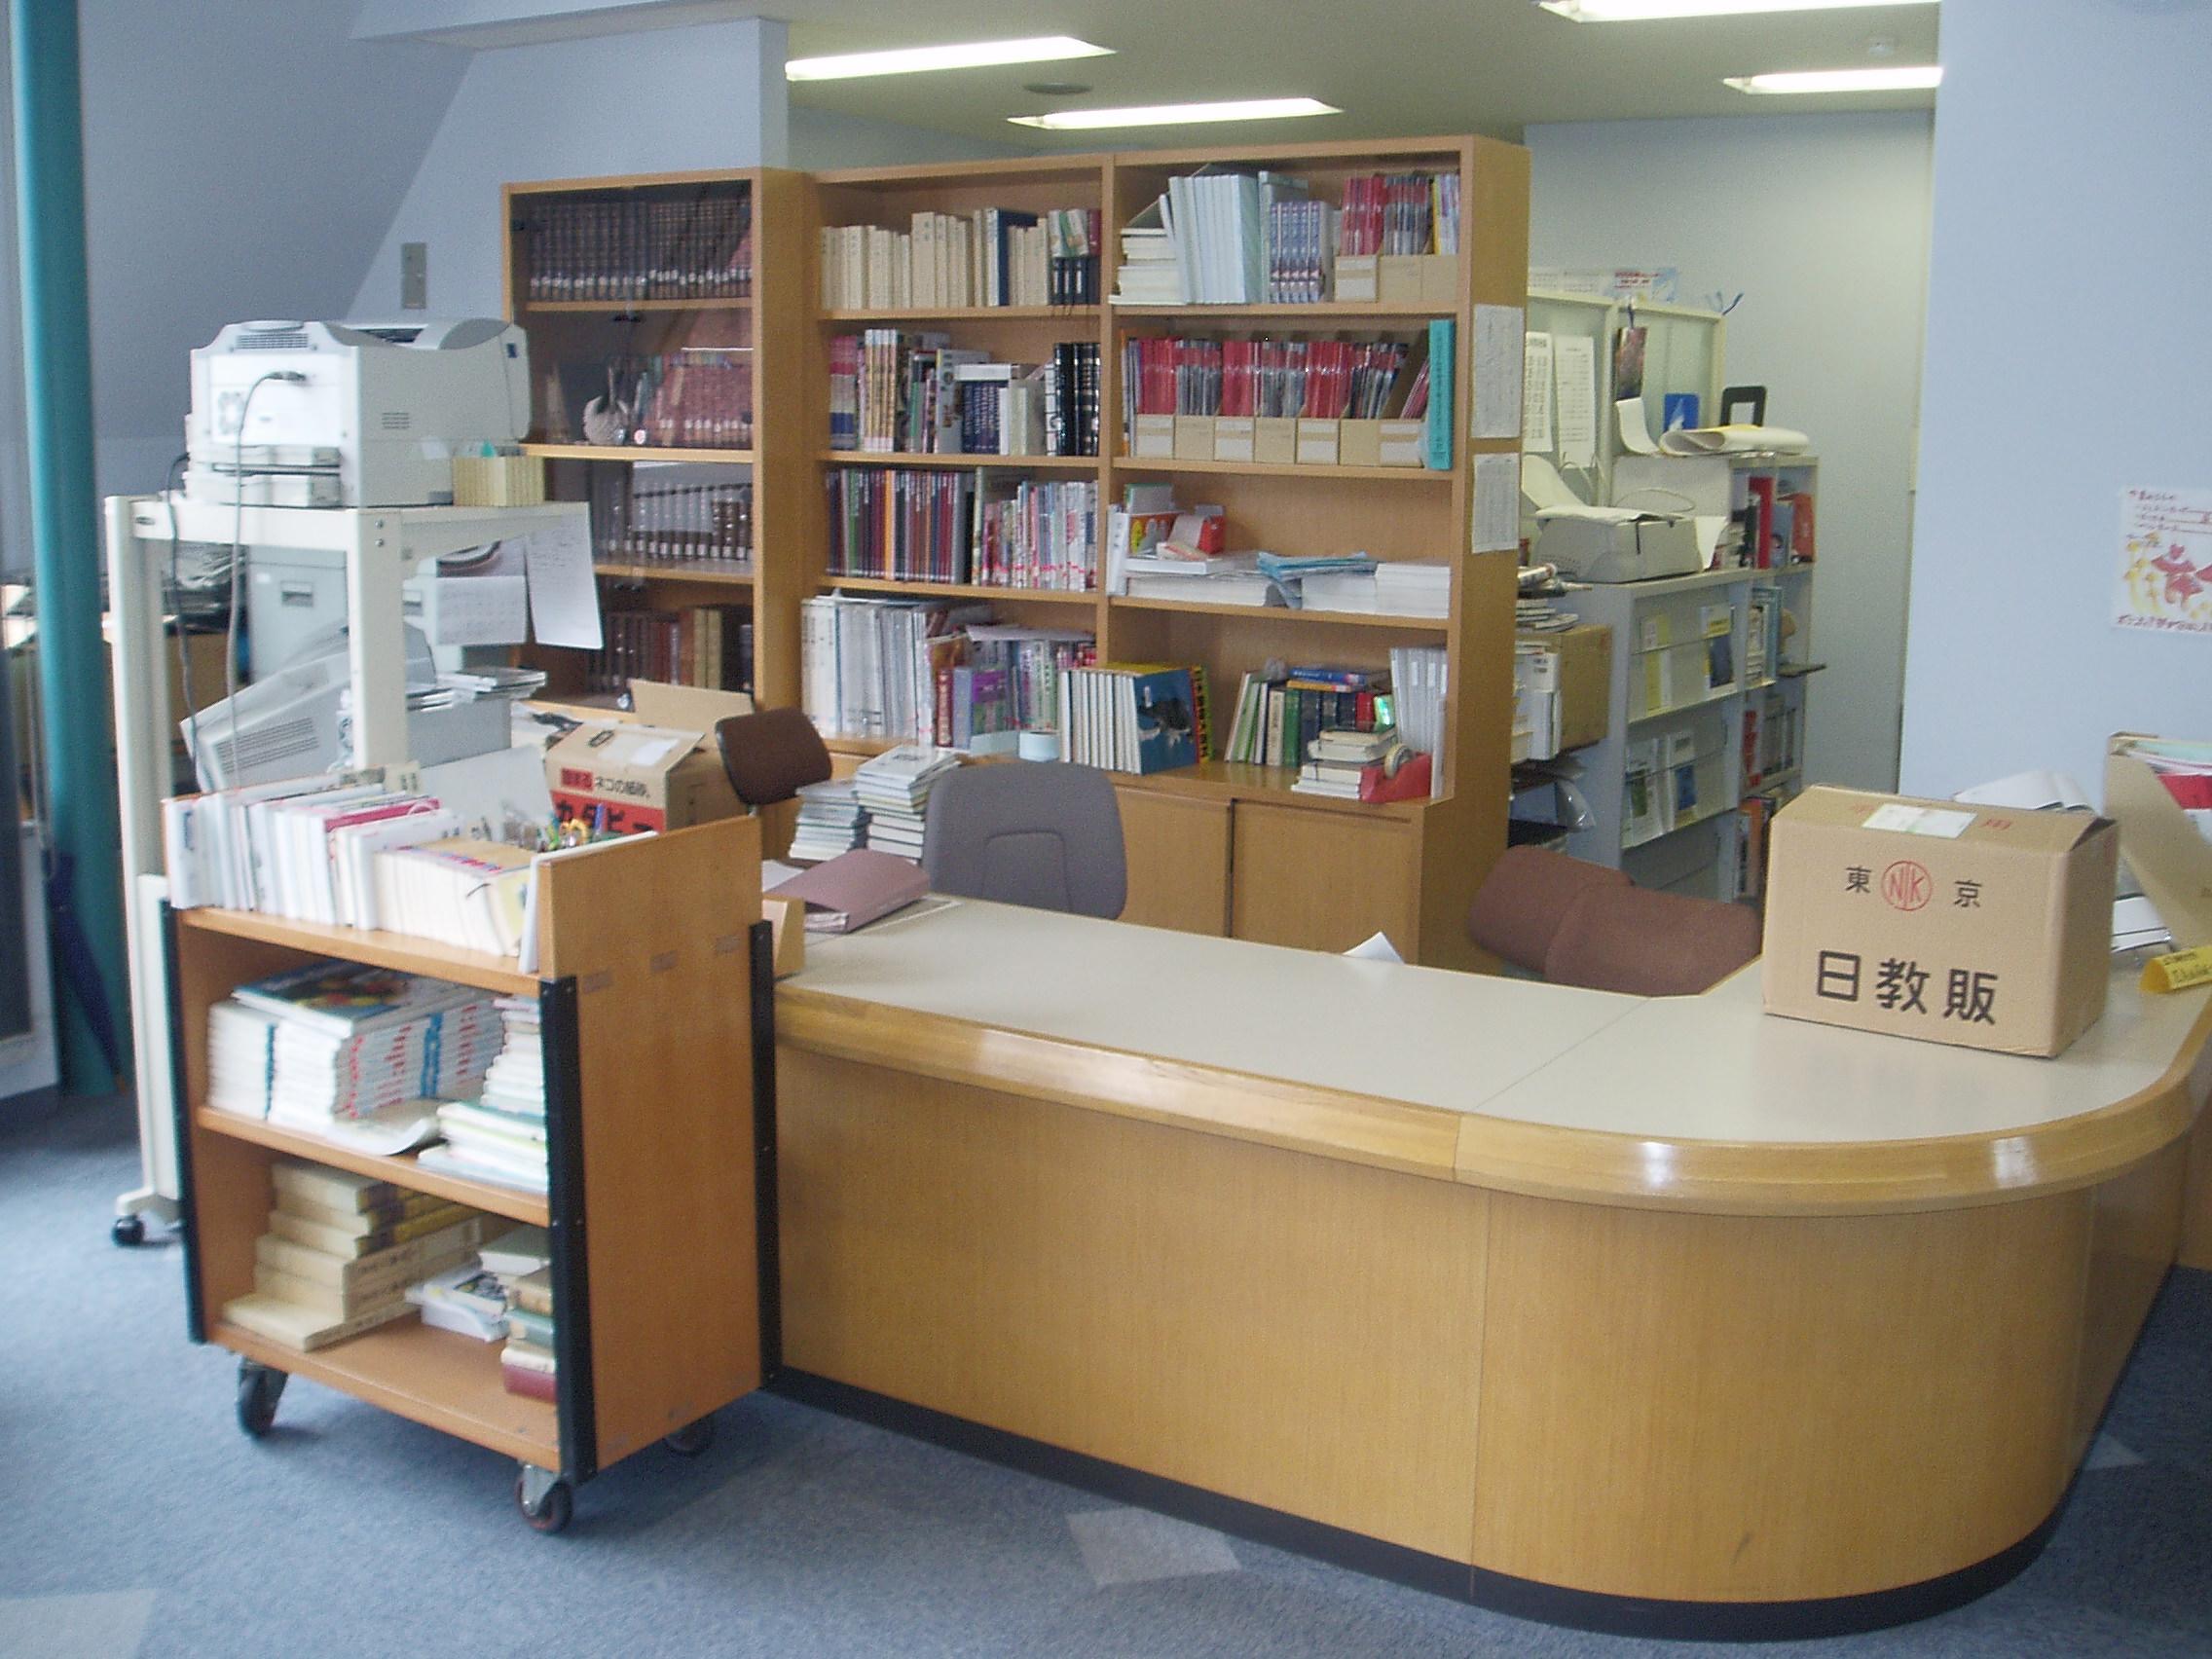 日本人的教育观:如何实现梦想?